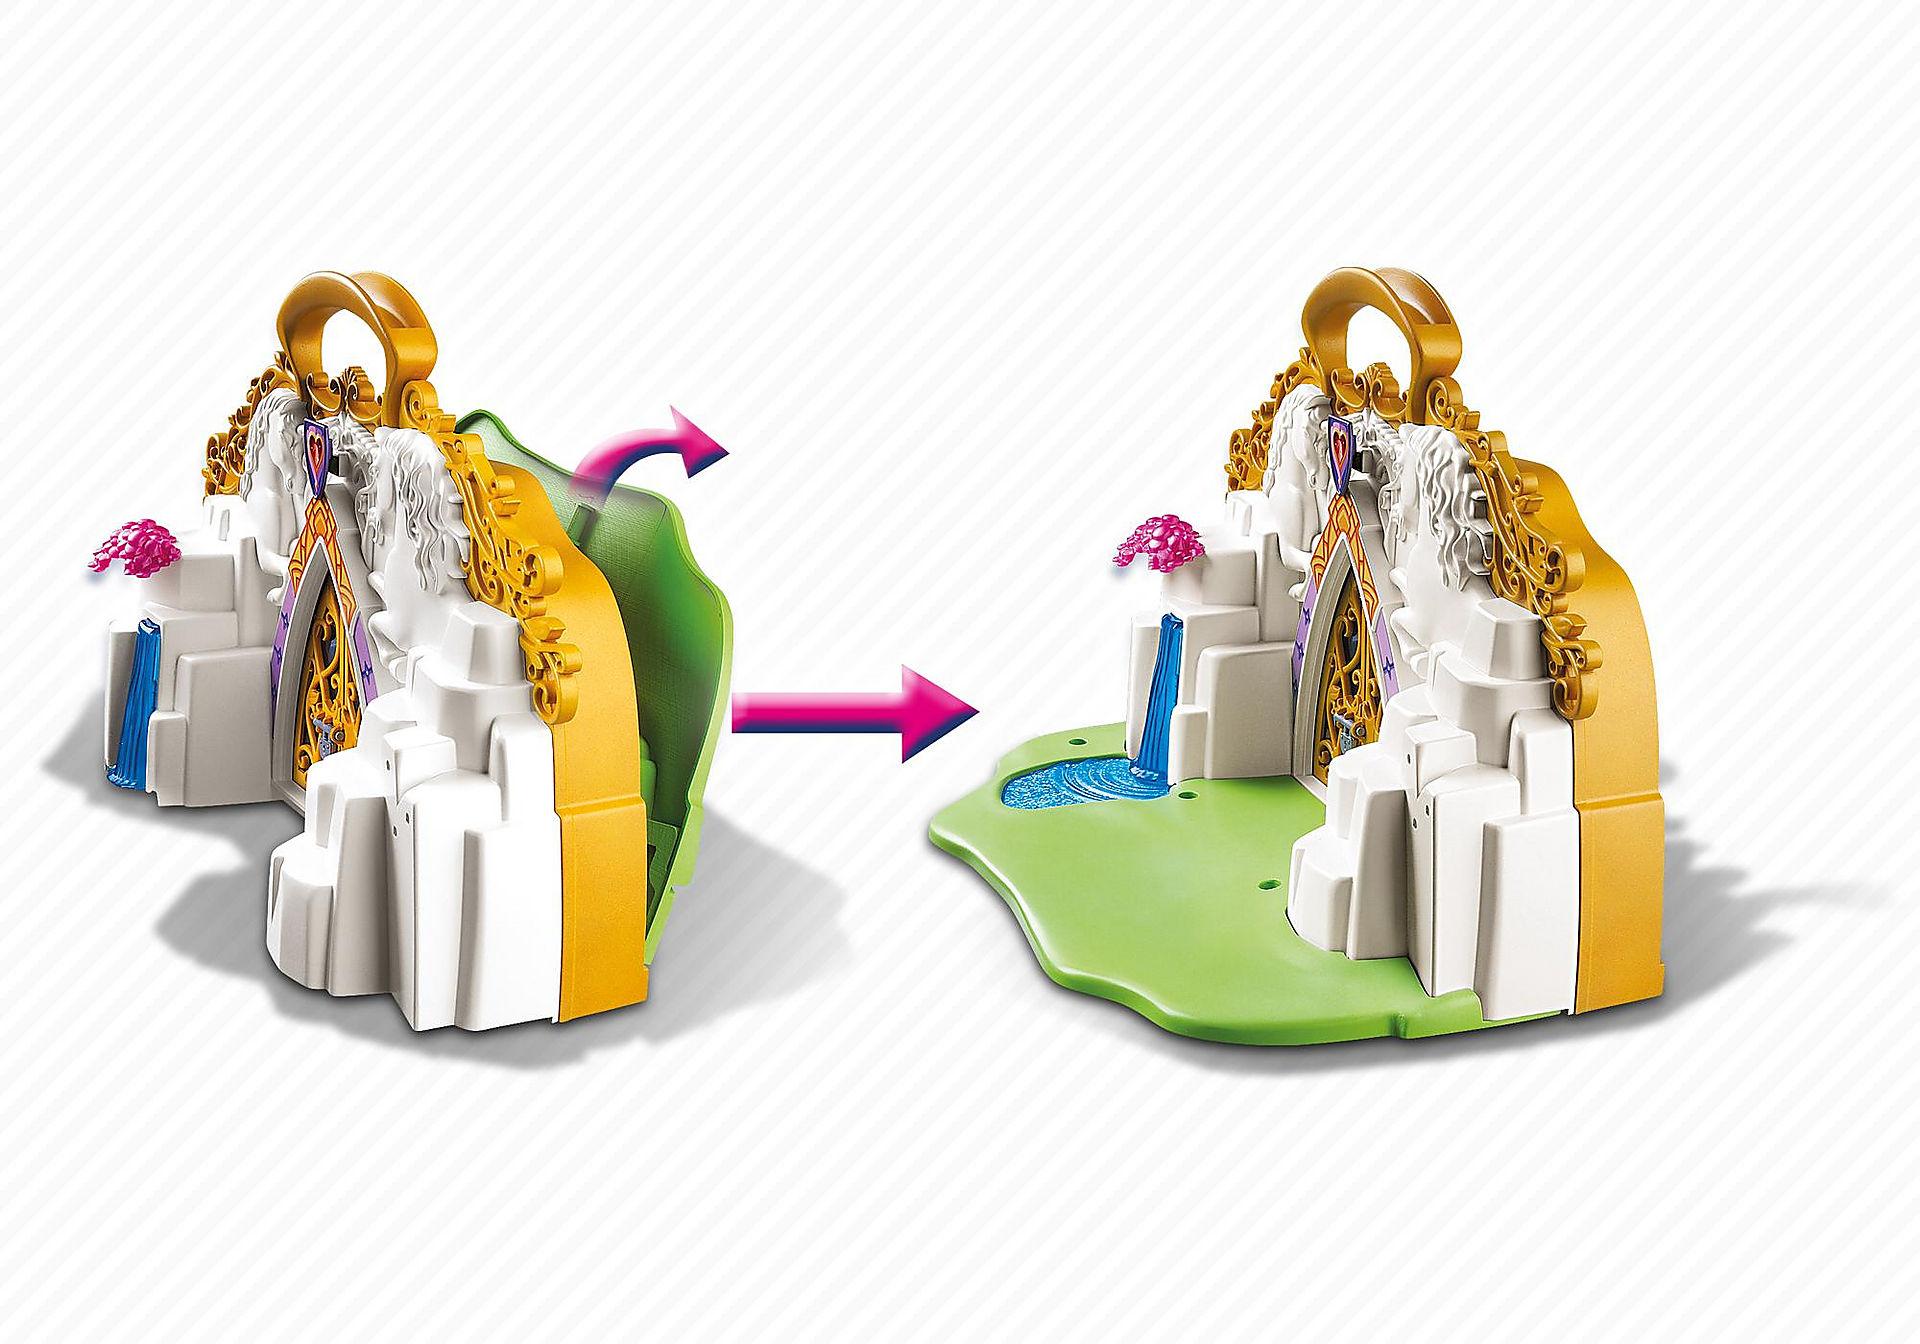 5208 Maleta Mundo das Fadas com Unicórnio  zoom image4